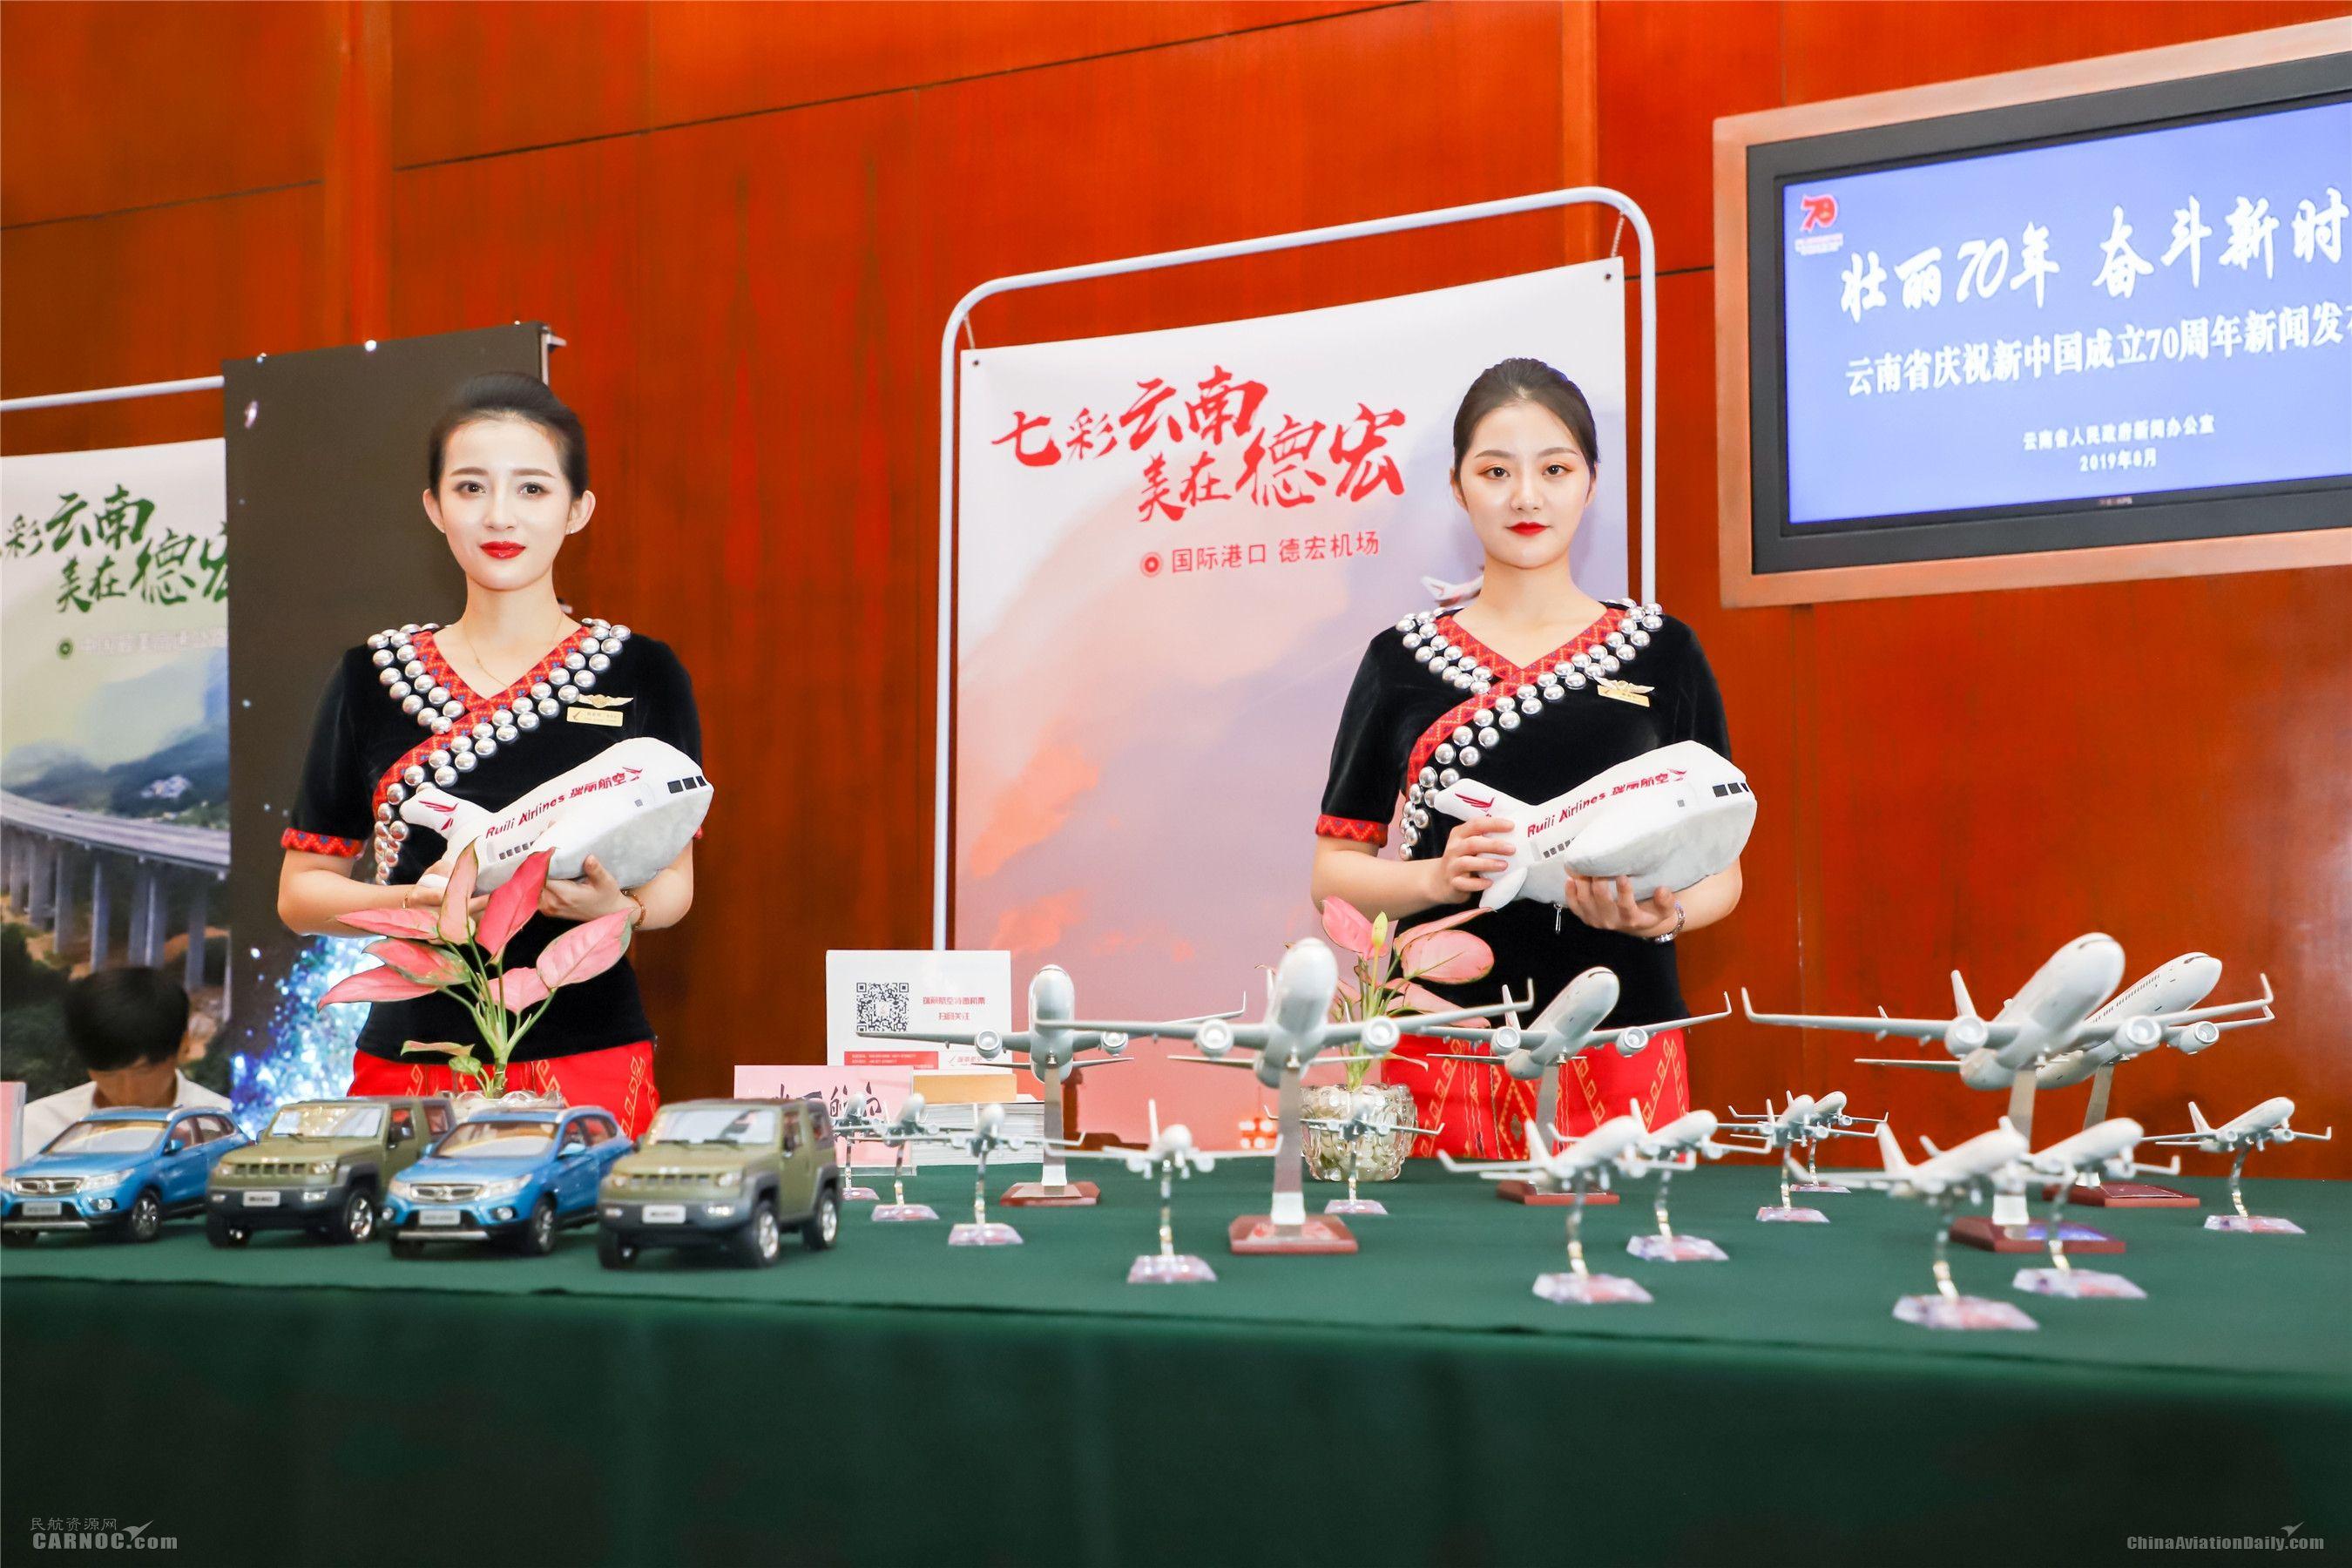 瑞丽航空参加庆祝新中国成立70周年主题新闻发布会